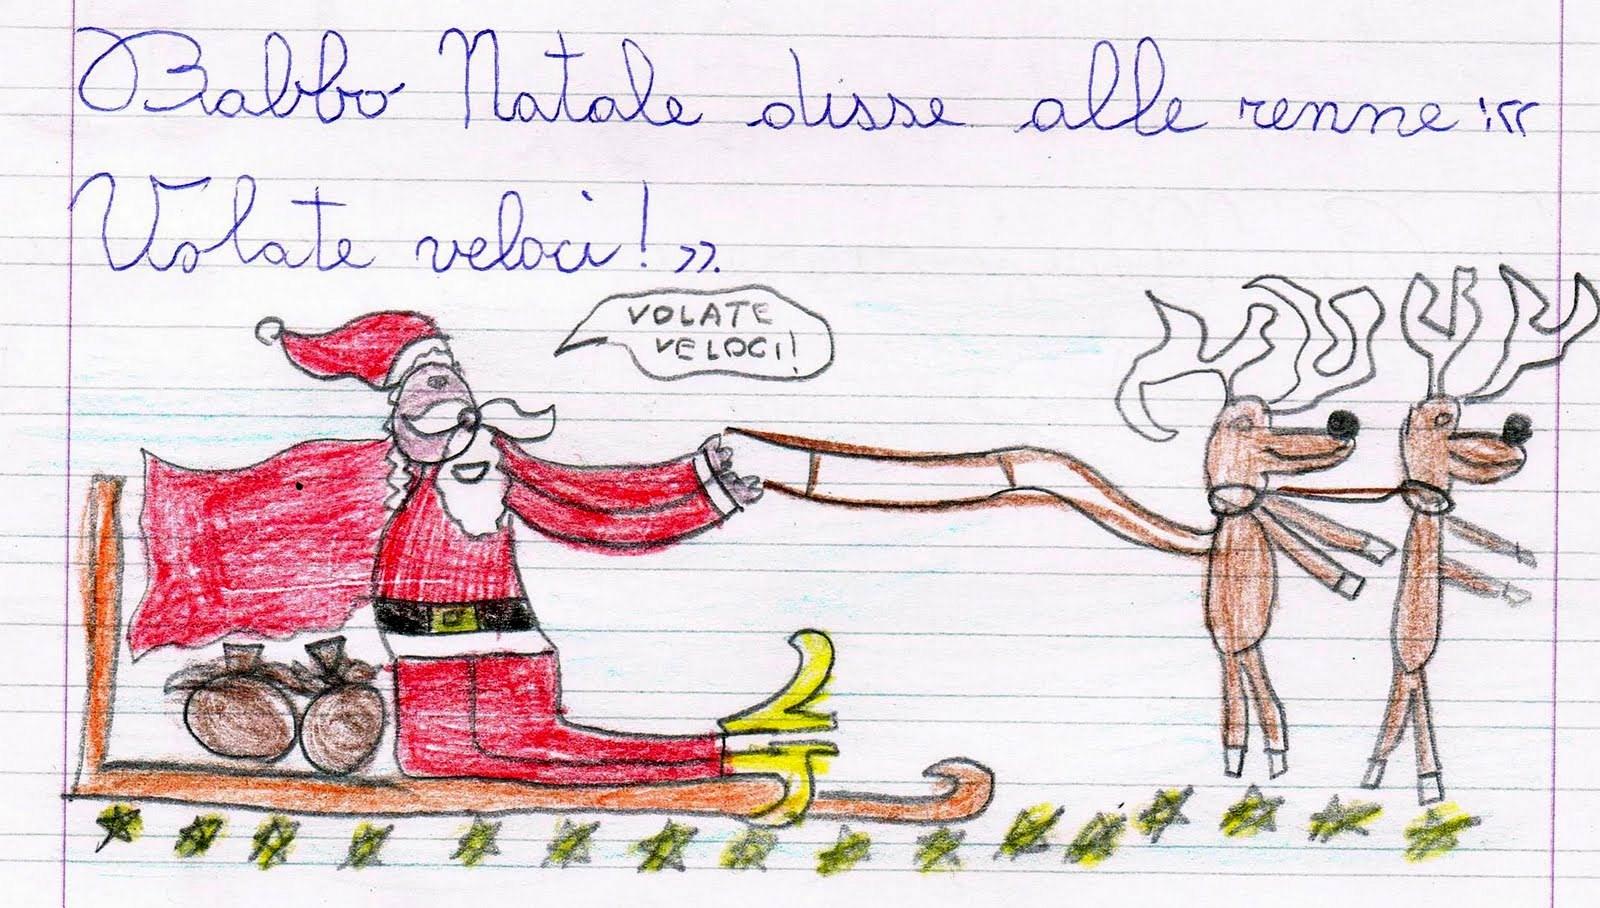 Poesie Di Natale In Rima Baciata.Babbo Natale Racconti Con Schema Temi Filastrocche Analisi Del Testo